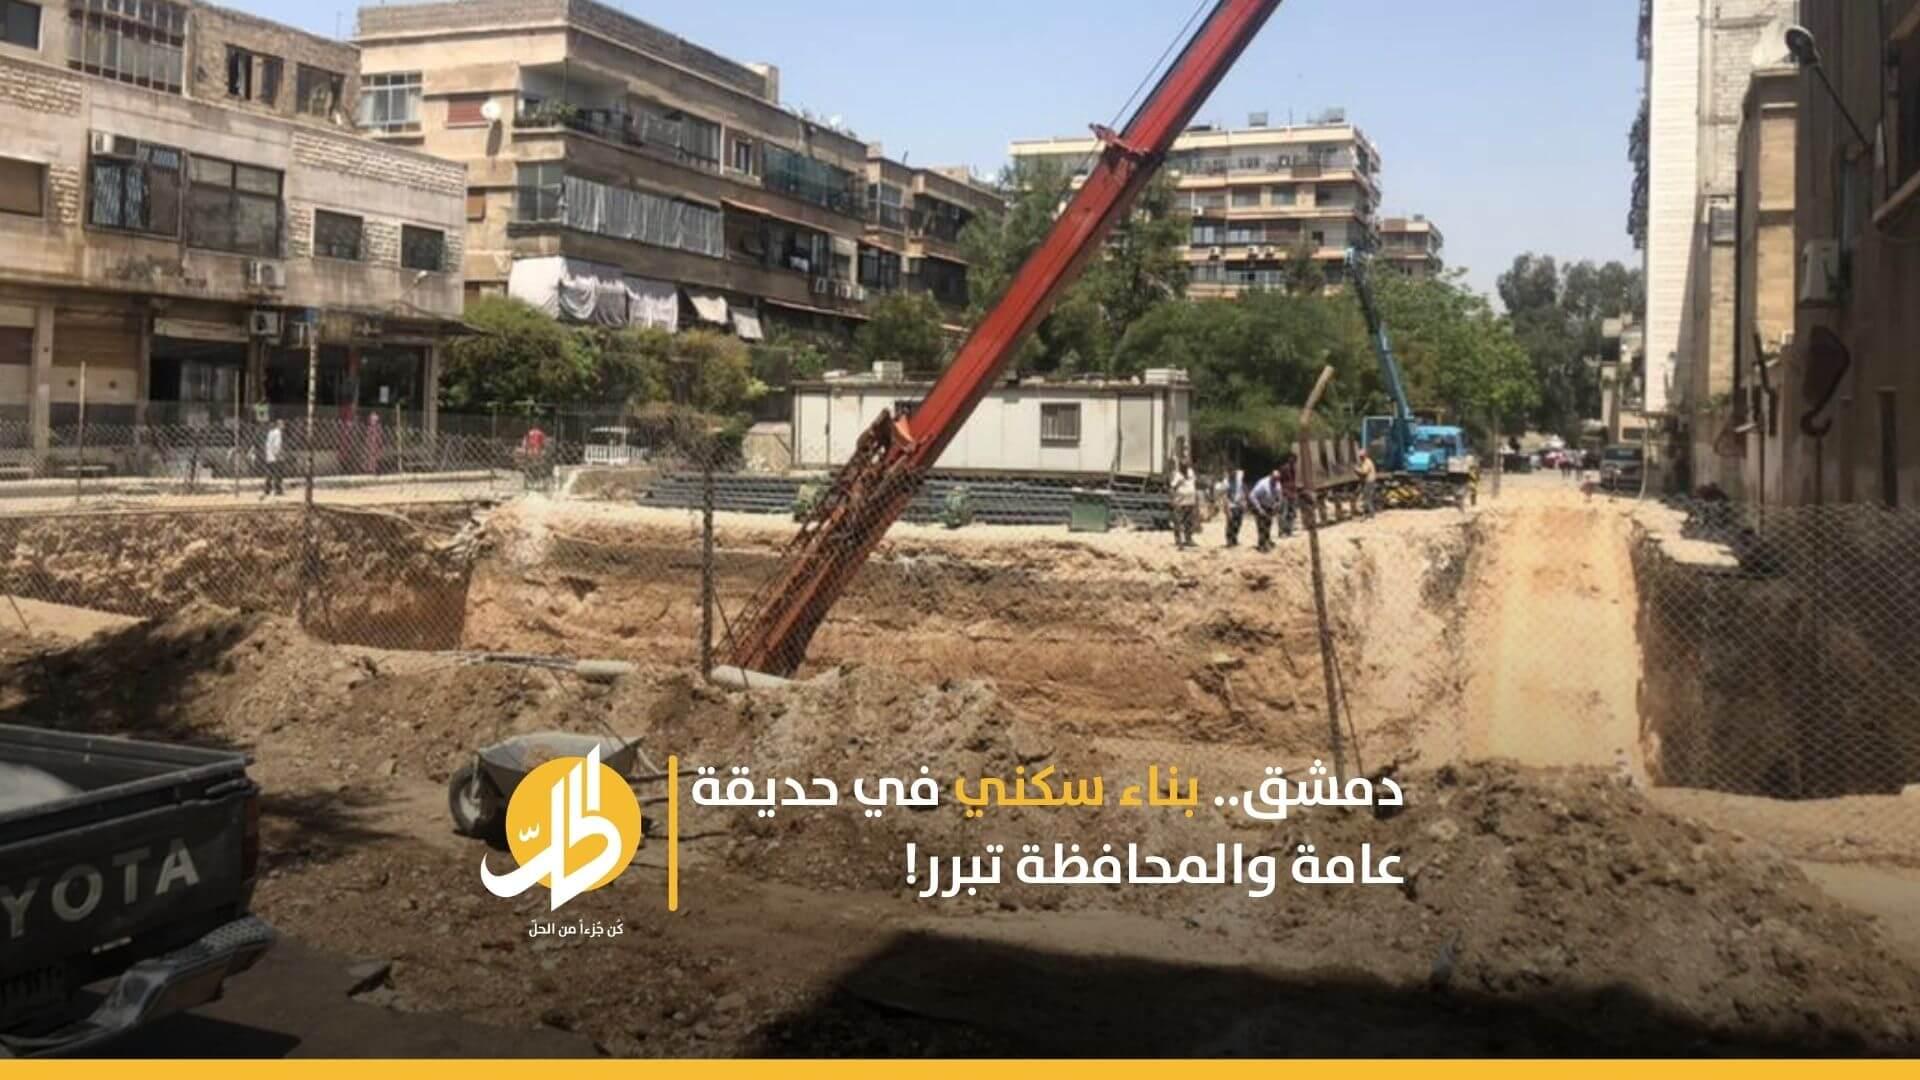 دمشق.. بناء سكني في حديقة عامة والمحافظة تبرر!